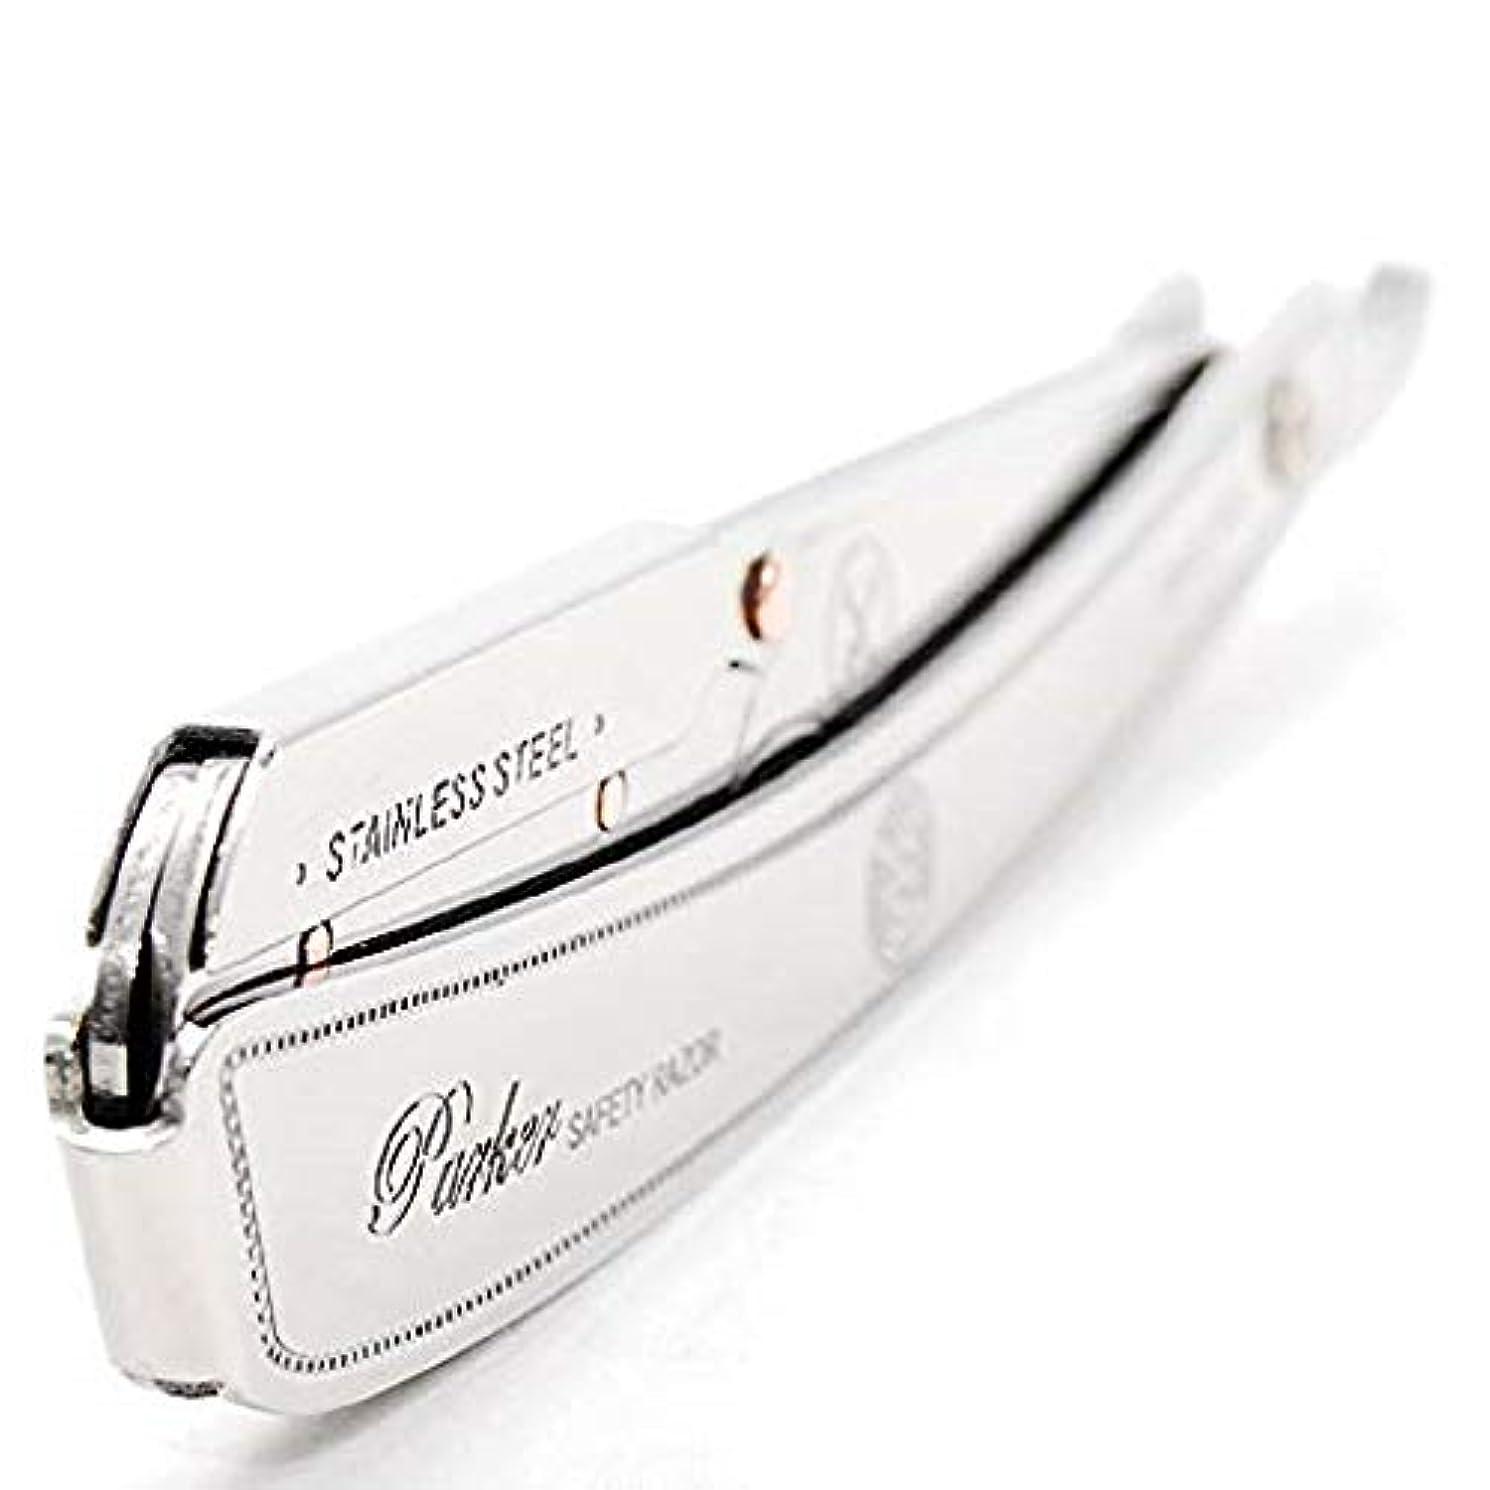 不適無関心滑りやすいパーカー(Parker) SRX 剃刀 プロ用 替刃100枚の2点セット [並行輸入品]